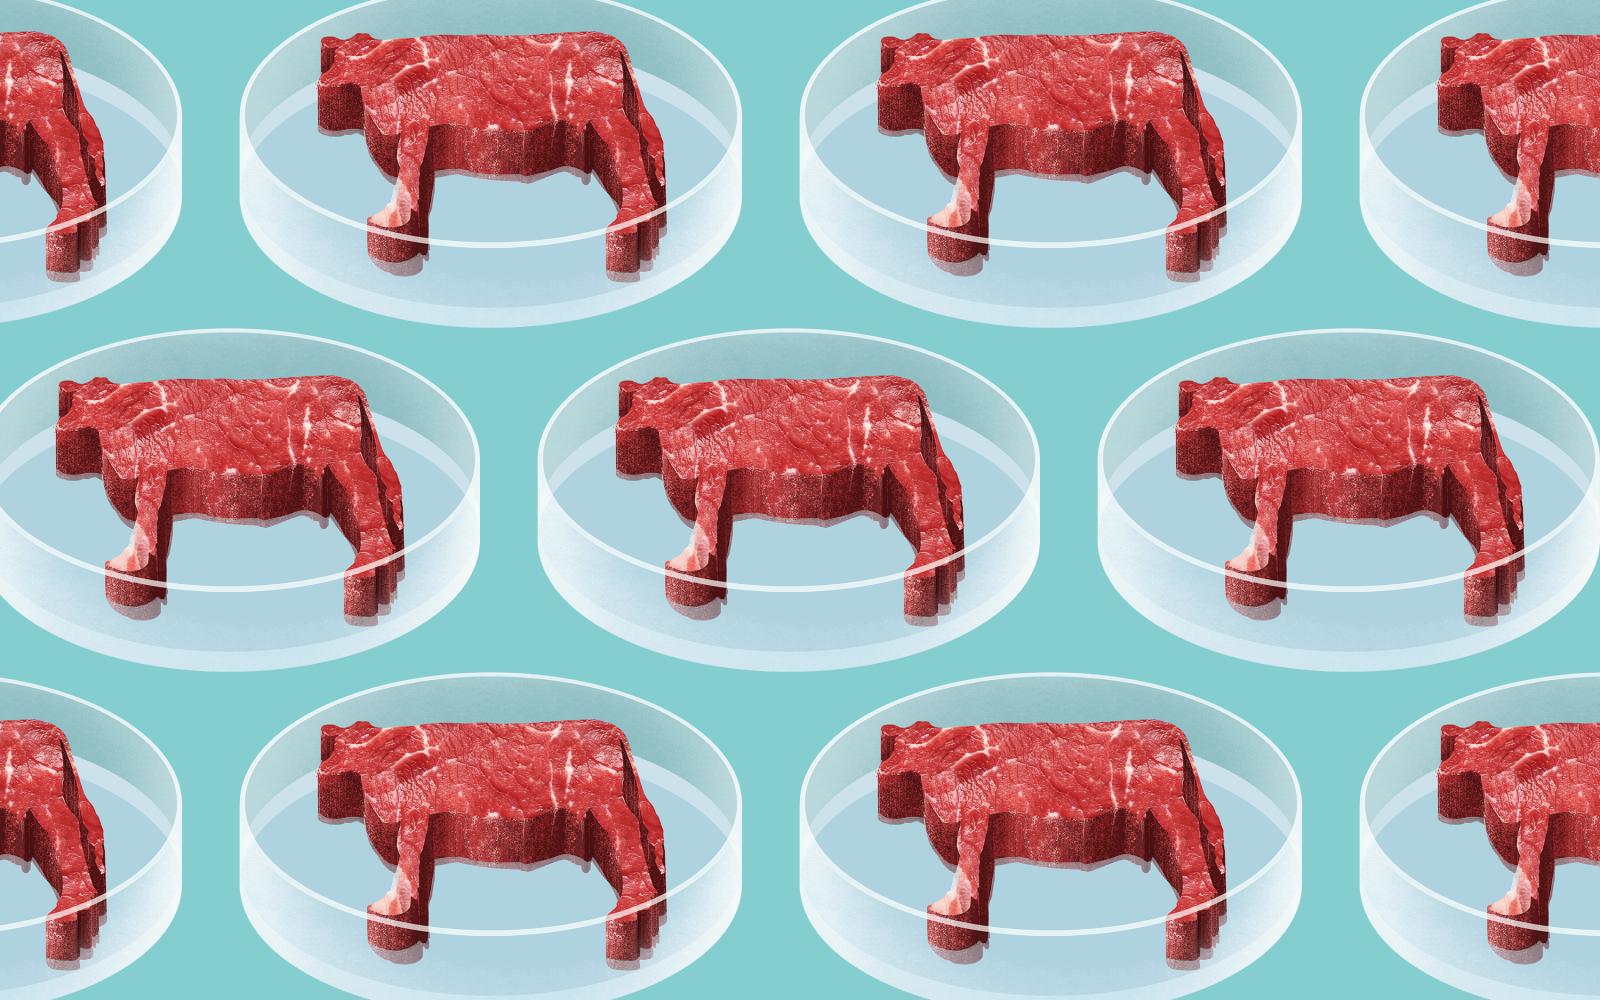 Напечатанная еда, мясо из пробирки: что мы будем есть через 20 лет?